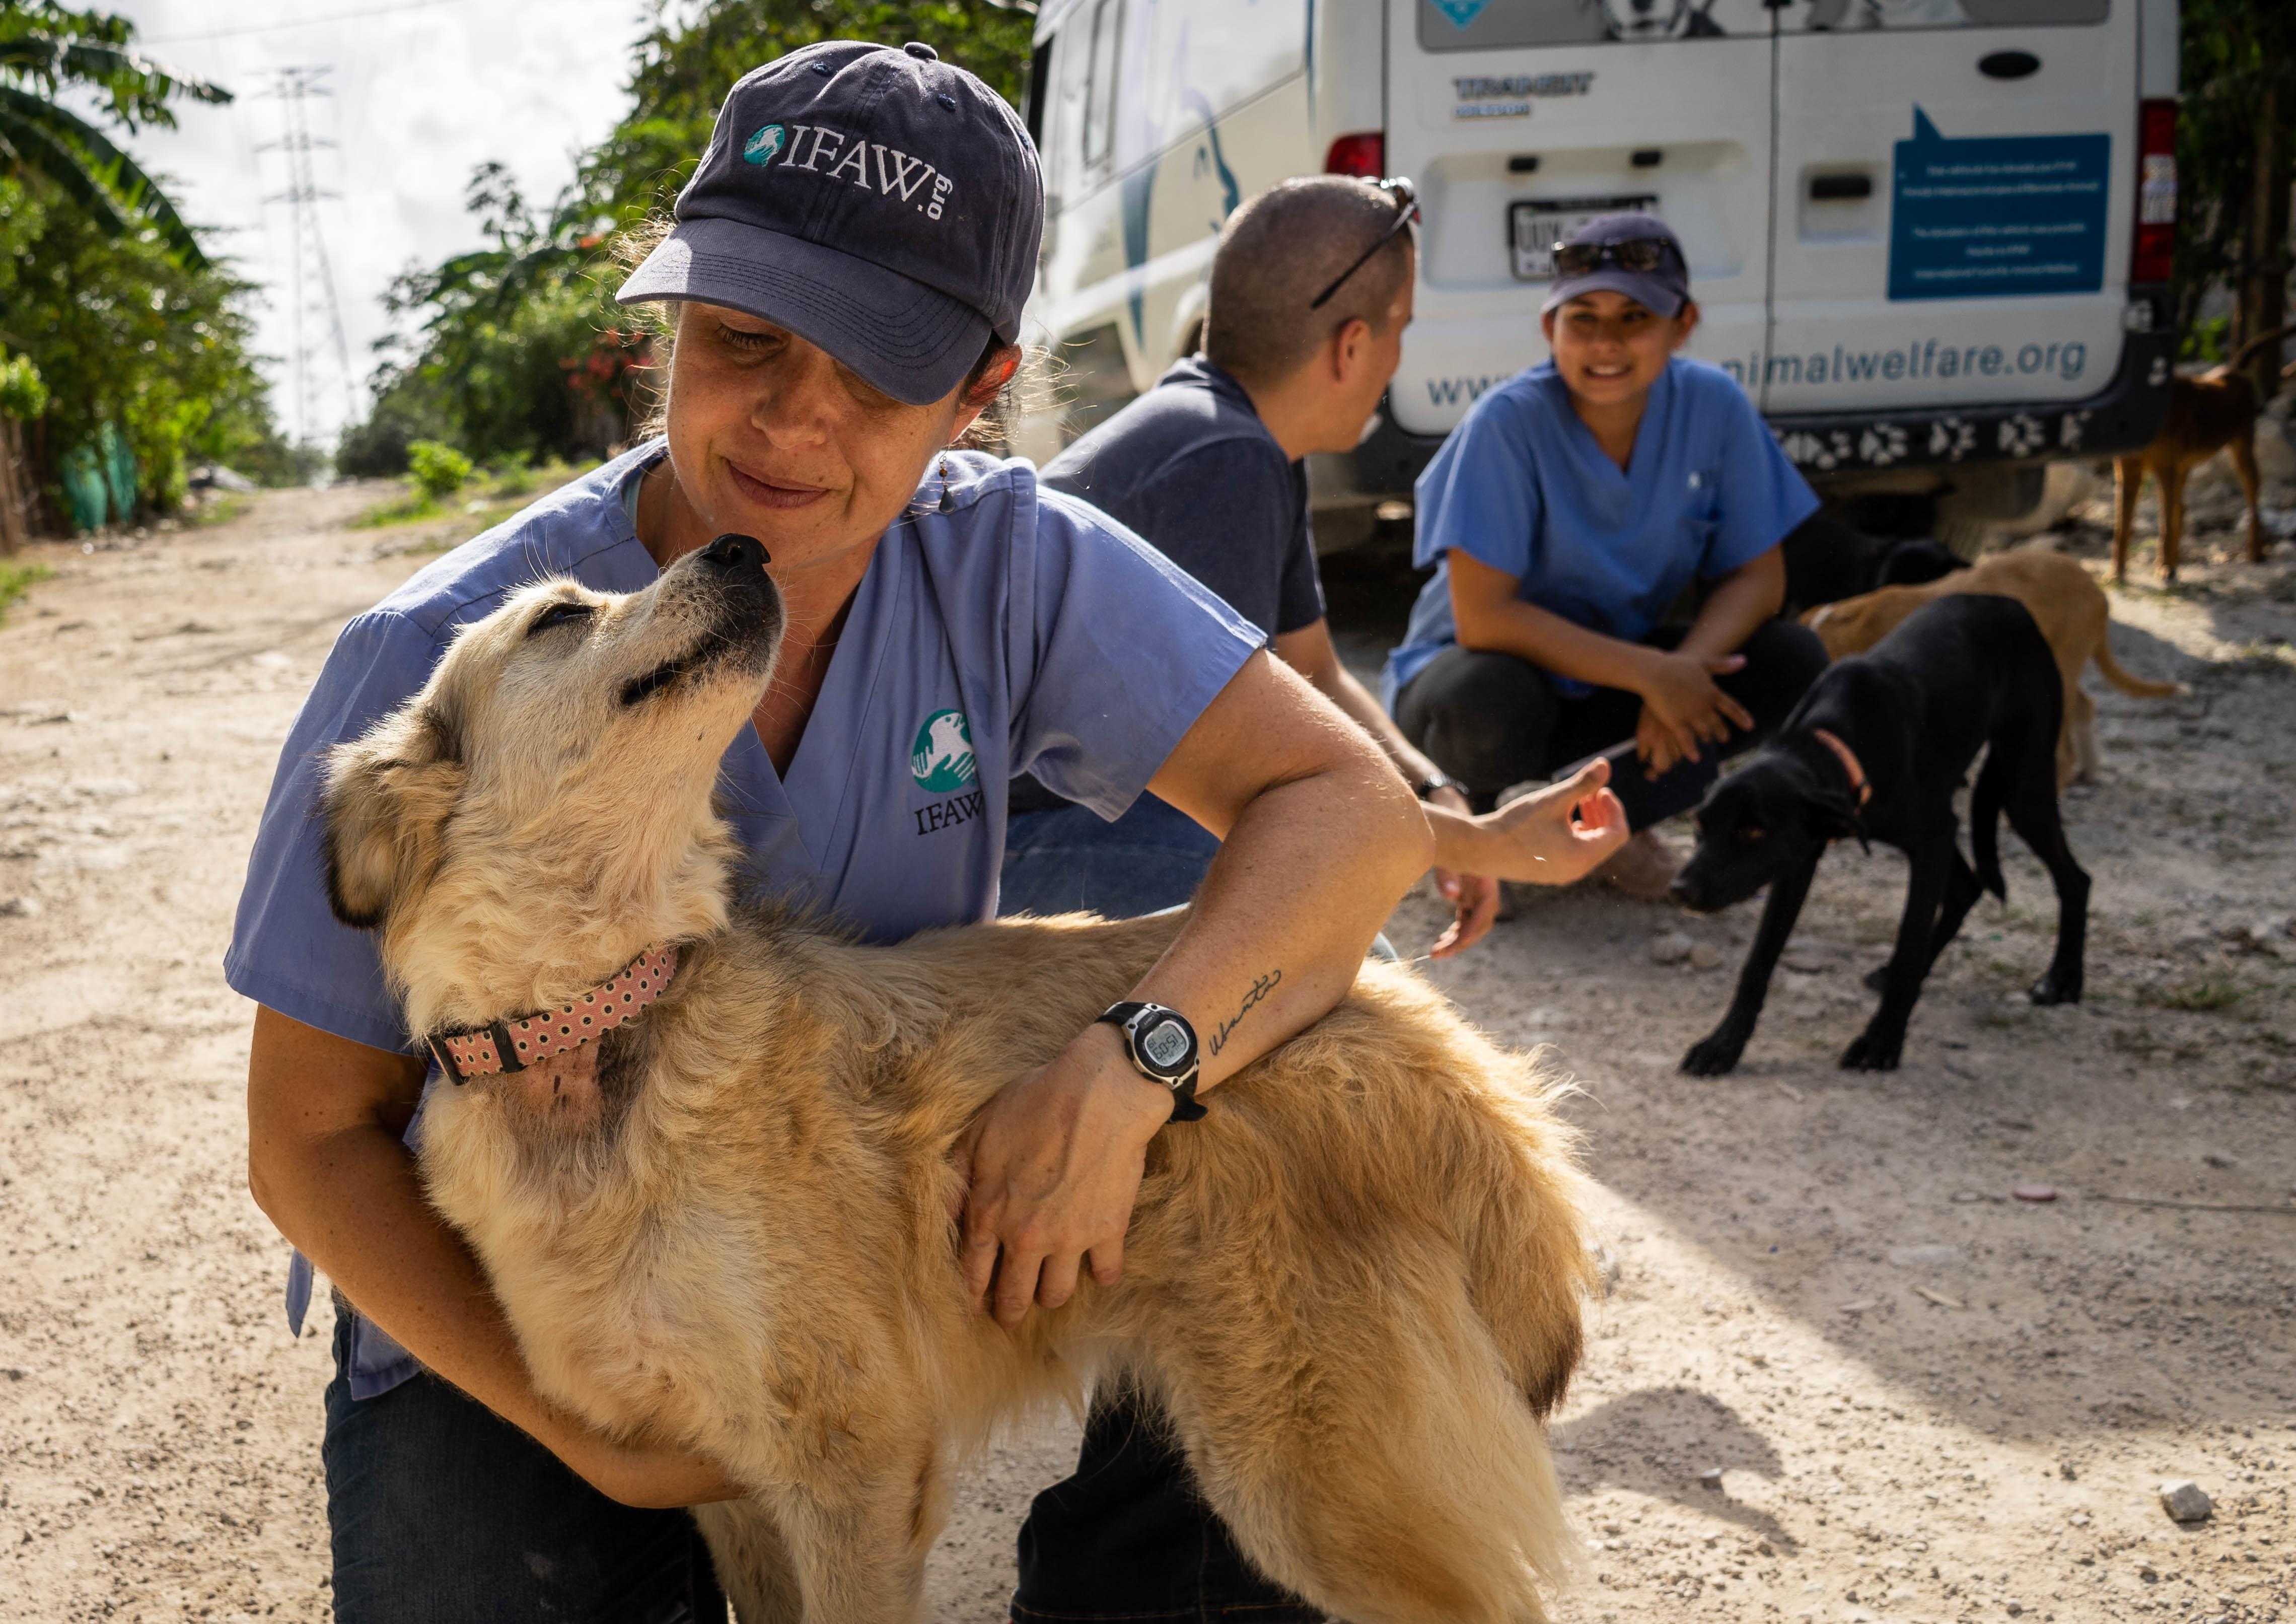 Einsatz für ein besseres Miteinander von Menschen und Tieren in Mexiko.